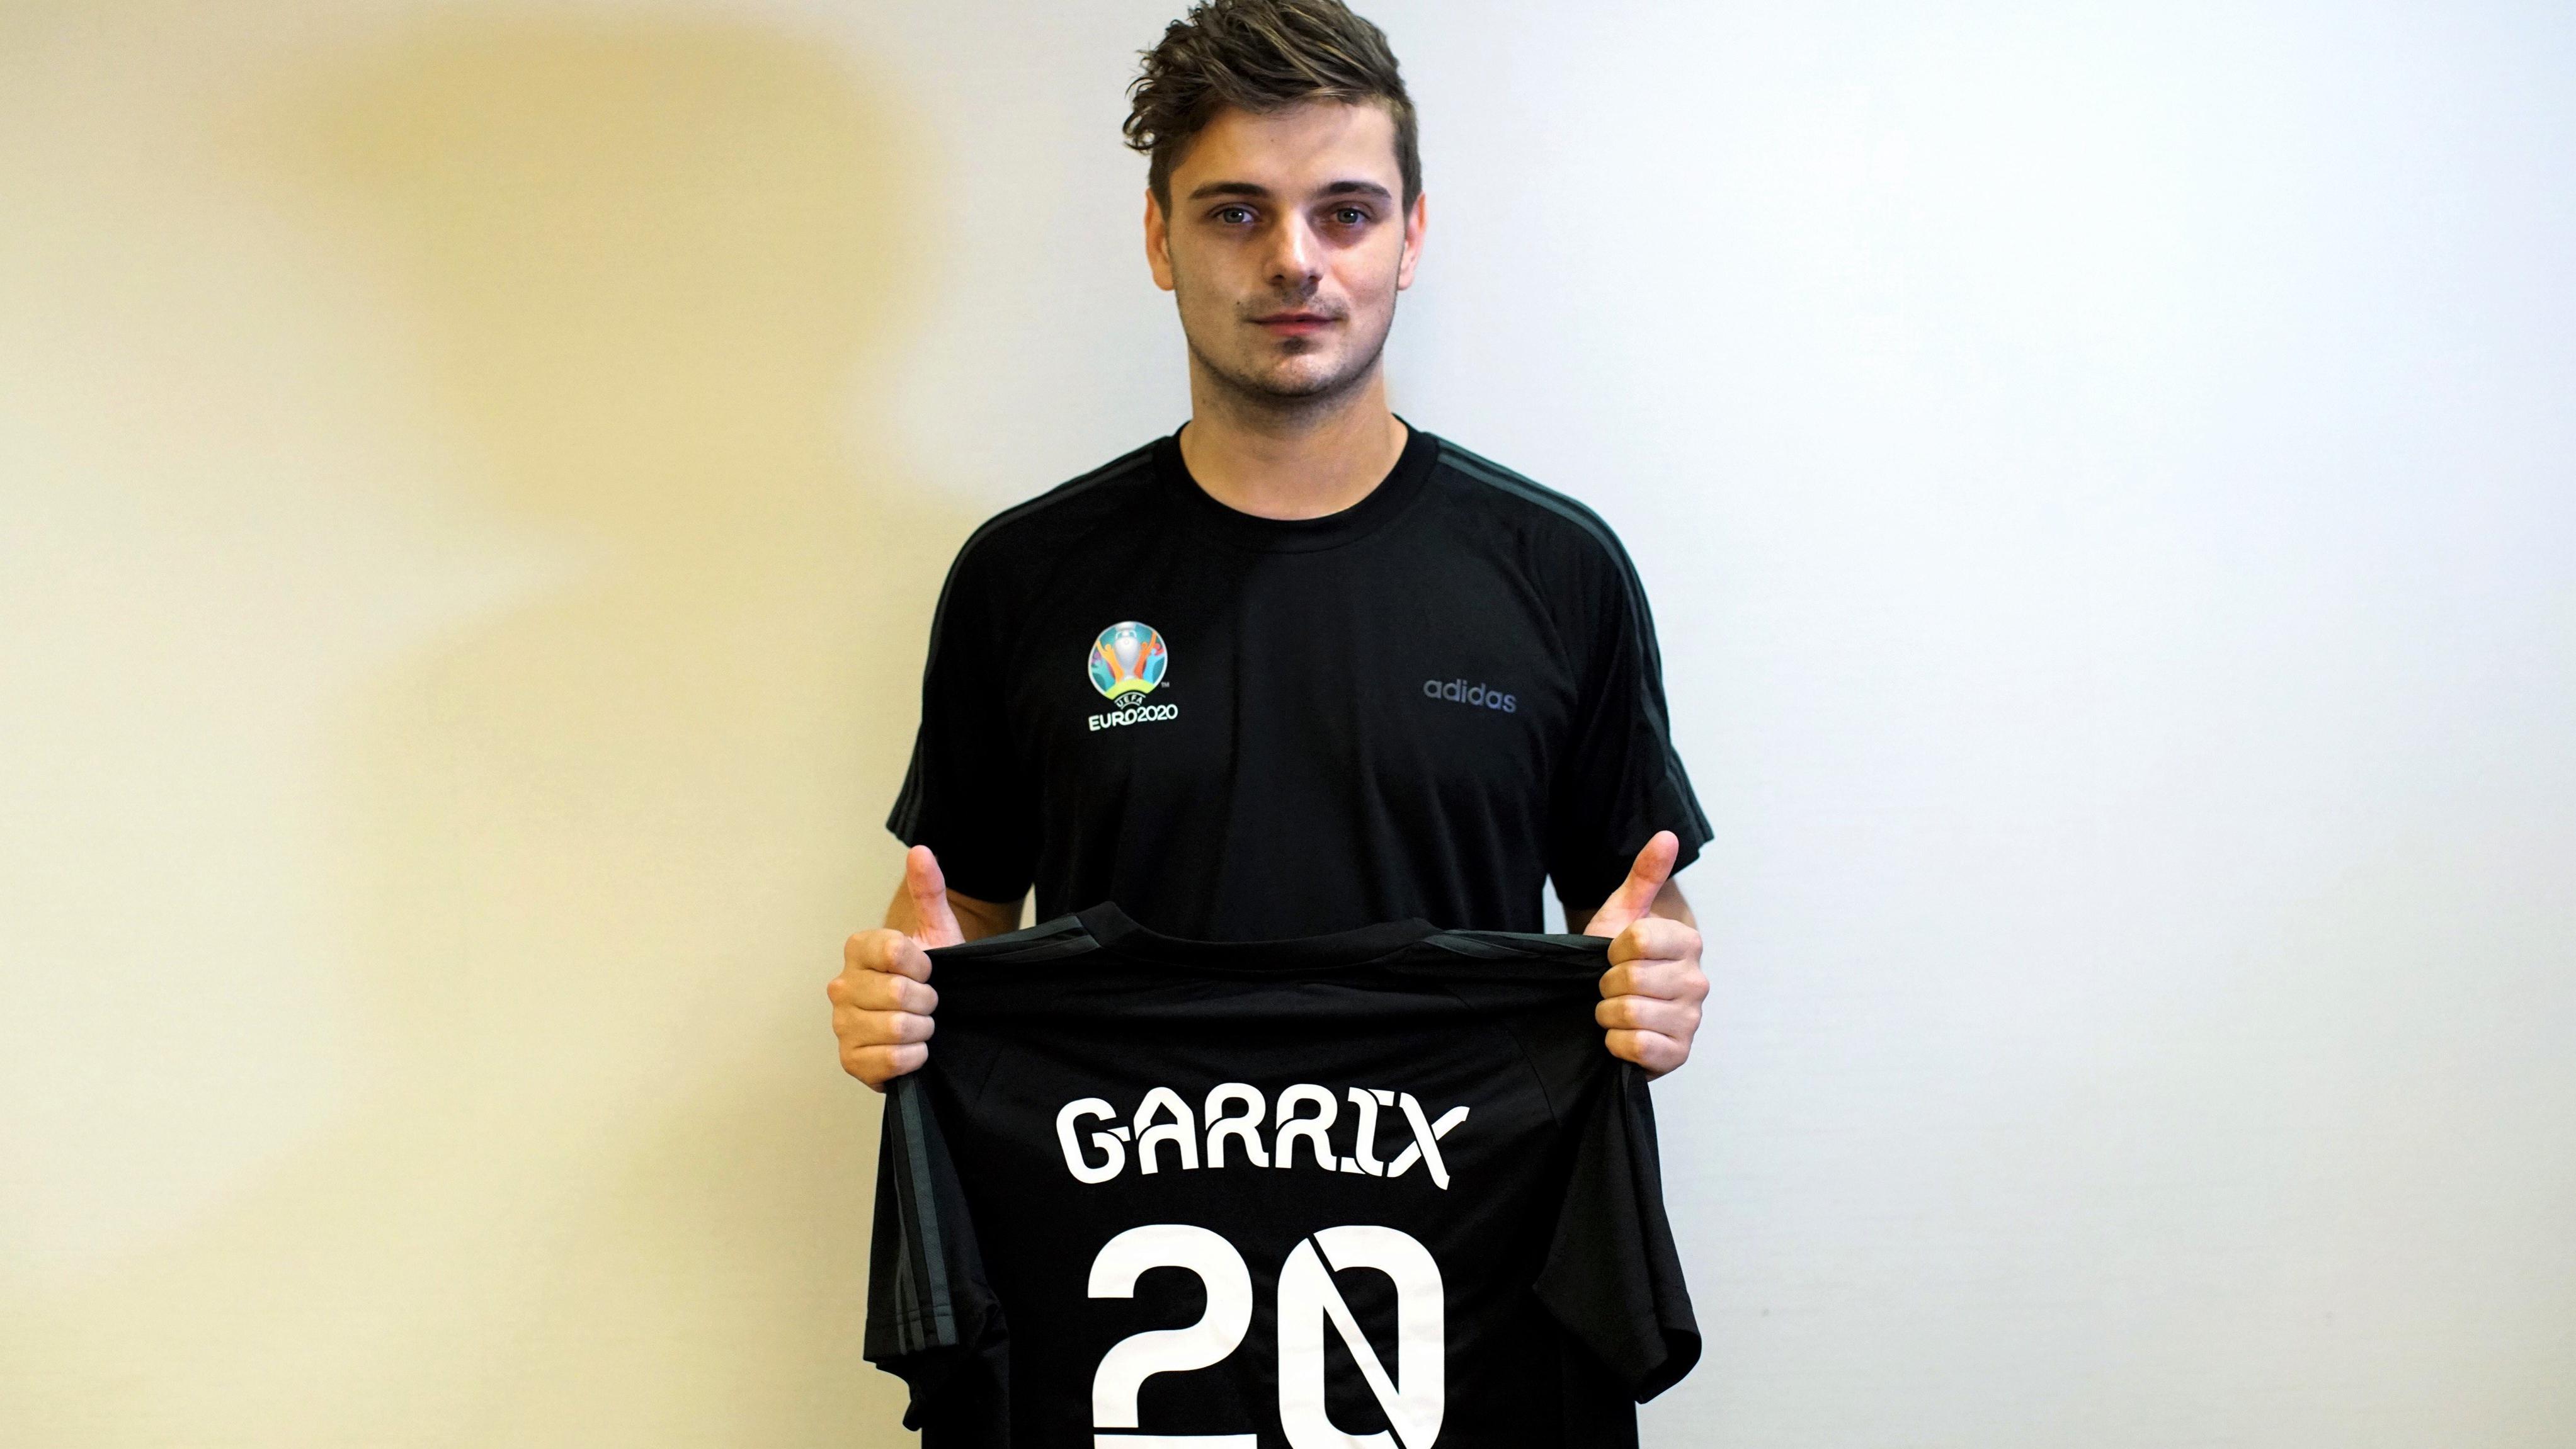 Martin Garrix ha composto l'inno di EURO 2020 YOUparti